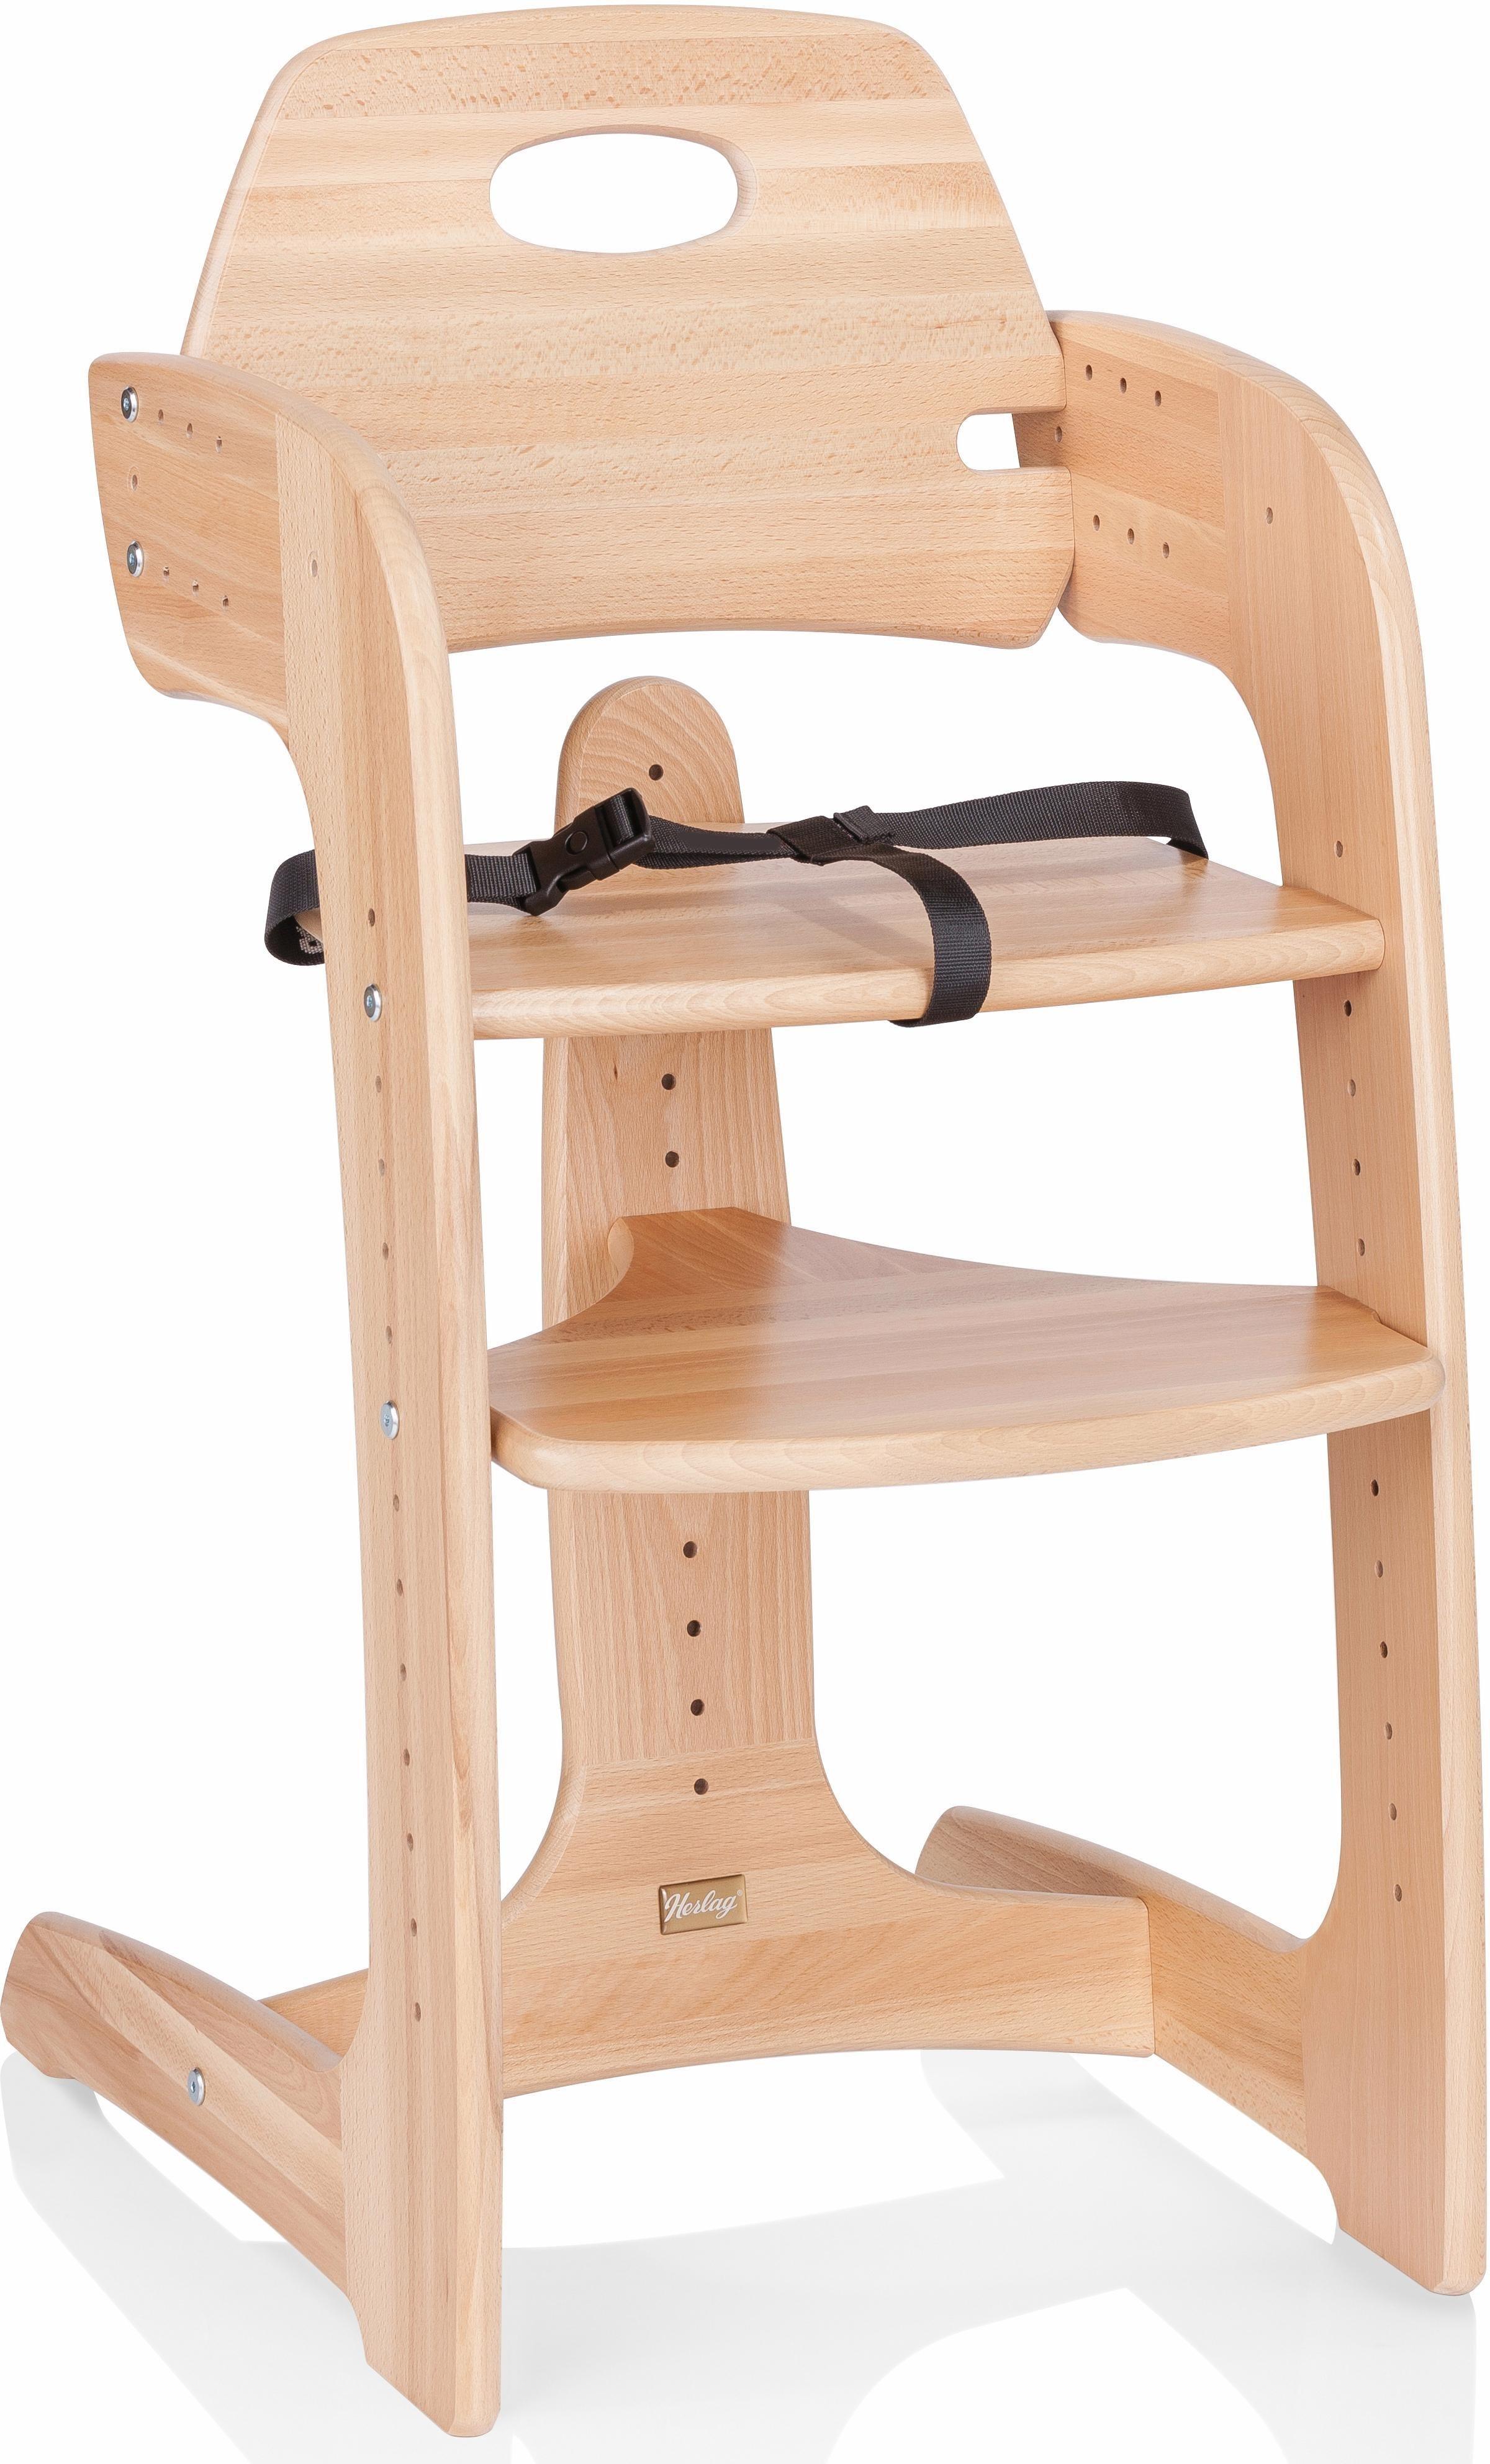 Herlag® Hochstuhl aus Holz, mit verstellb. Rückenlehne, »Tipp Topp Comfort IV, Buche massiv natur«   Kinderzimmer > Kinderzimmerstühle > Hochstühle   Herlag